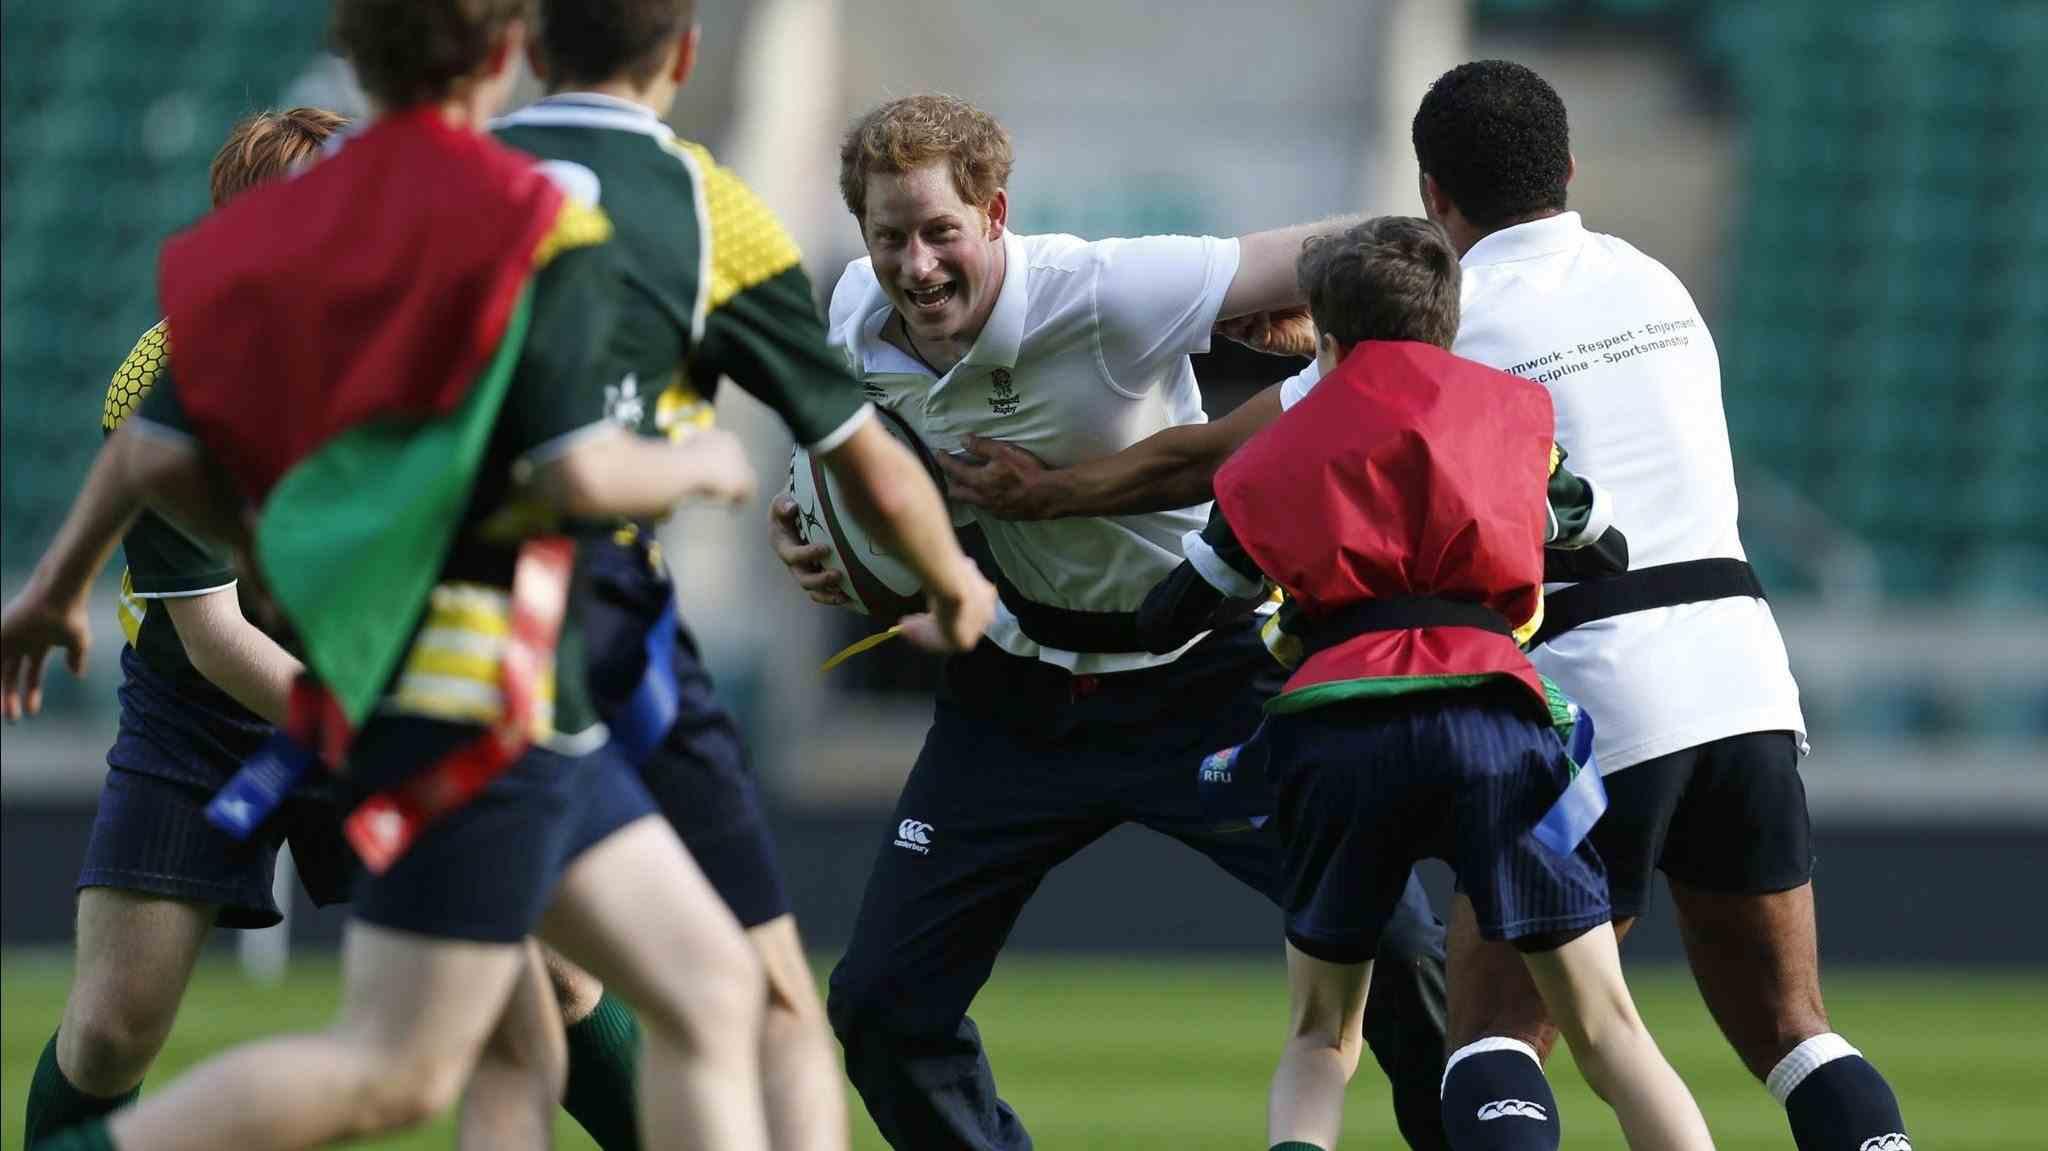 英国政府拨款4亿美元给体育行业,橄榄球联盟最多,英超和男足一毛不拔